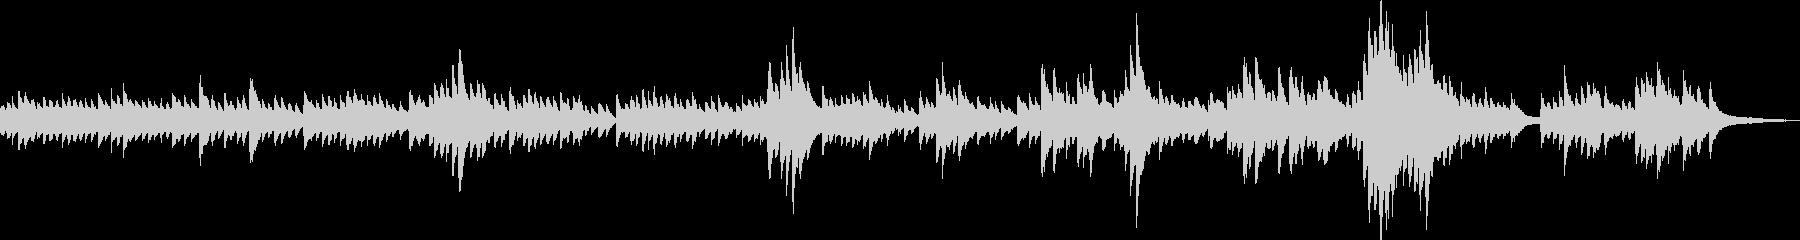 安らぎ(ピアノソロ・安心感・優しい)の未再生の波形